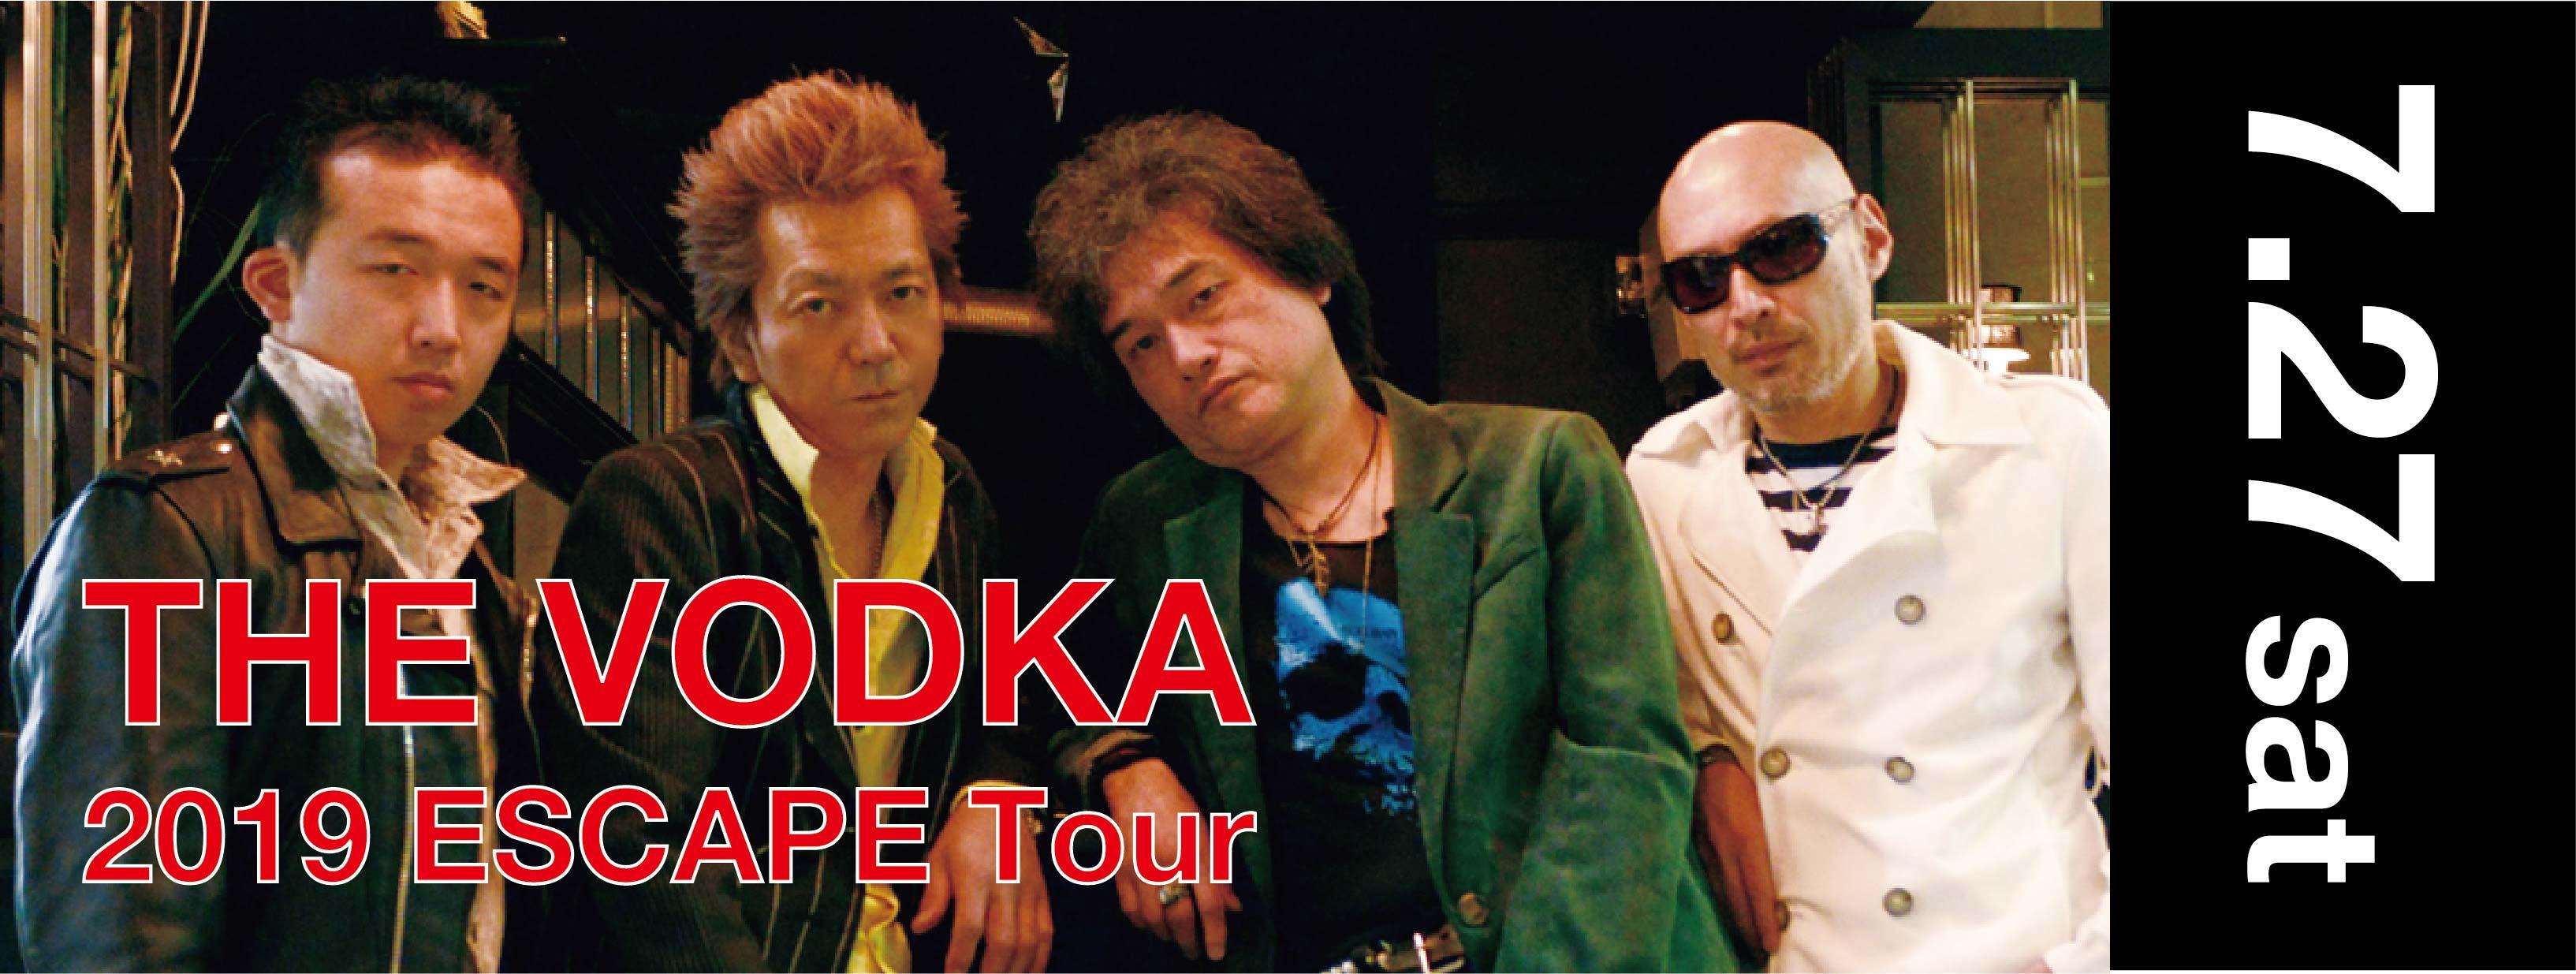 """THE VODKA """"2019 ESCAPE Tour"""""""